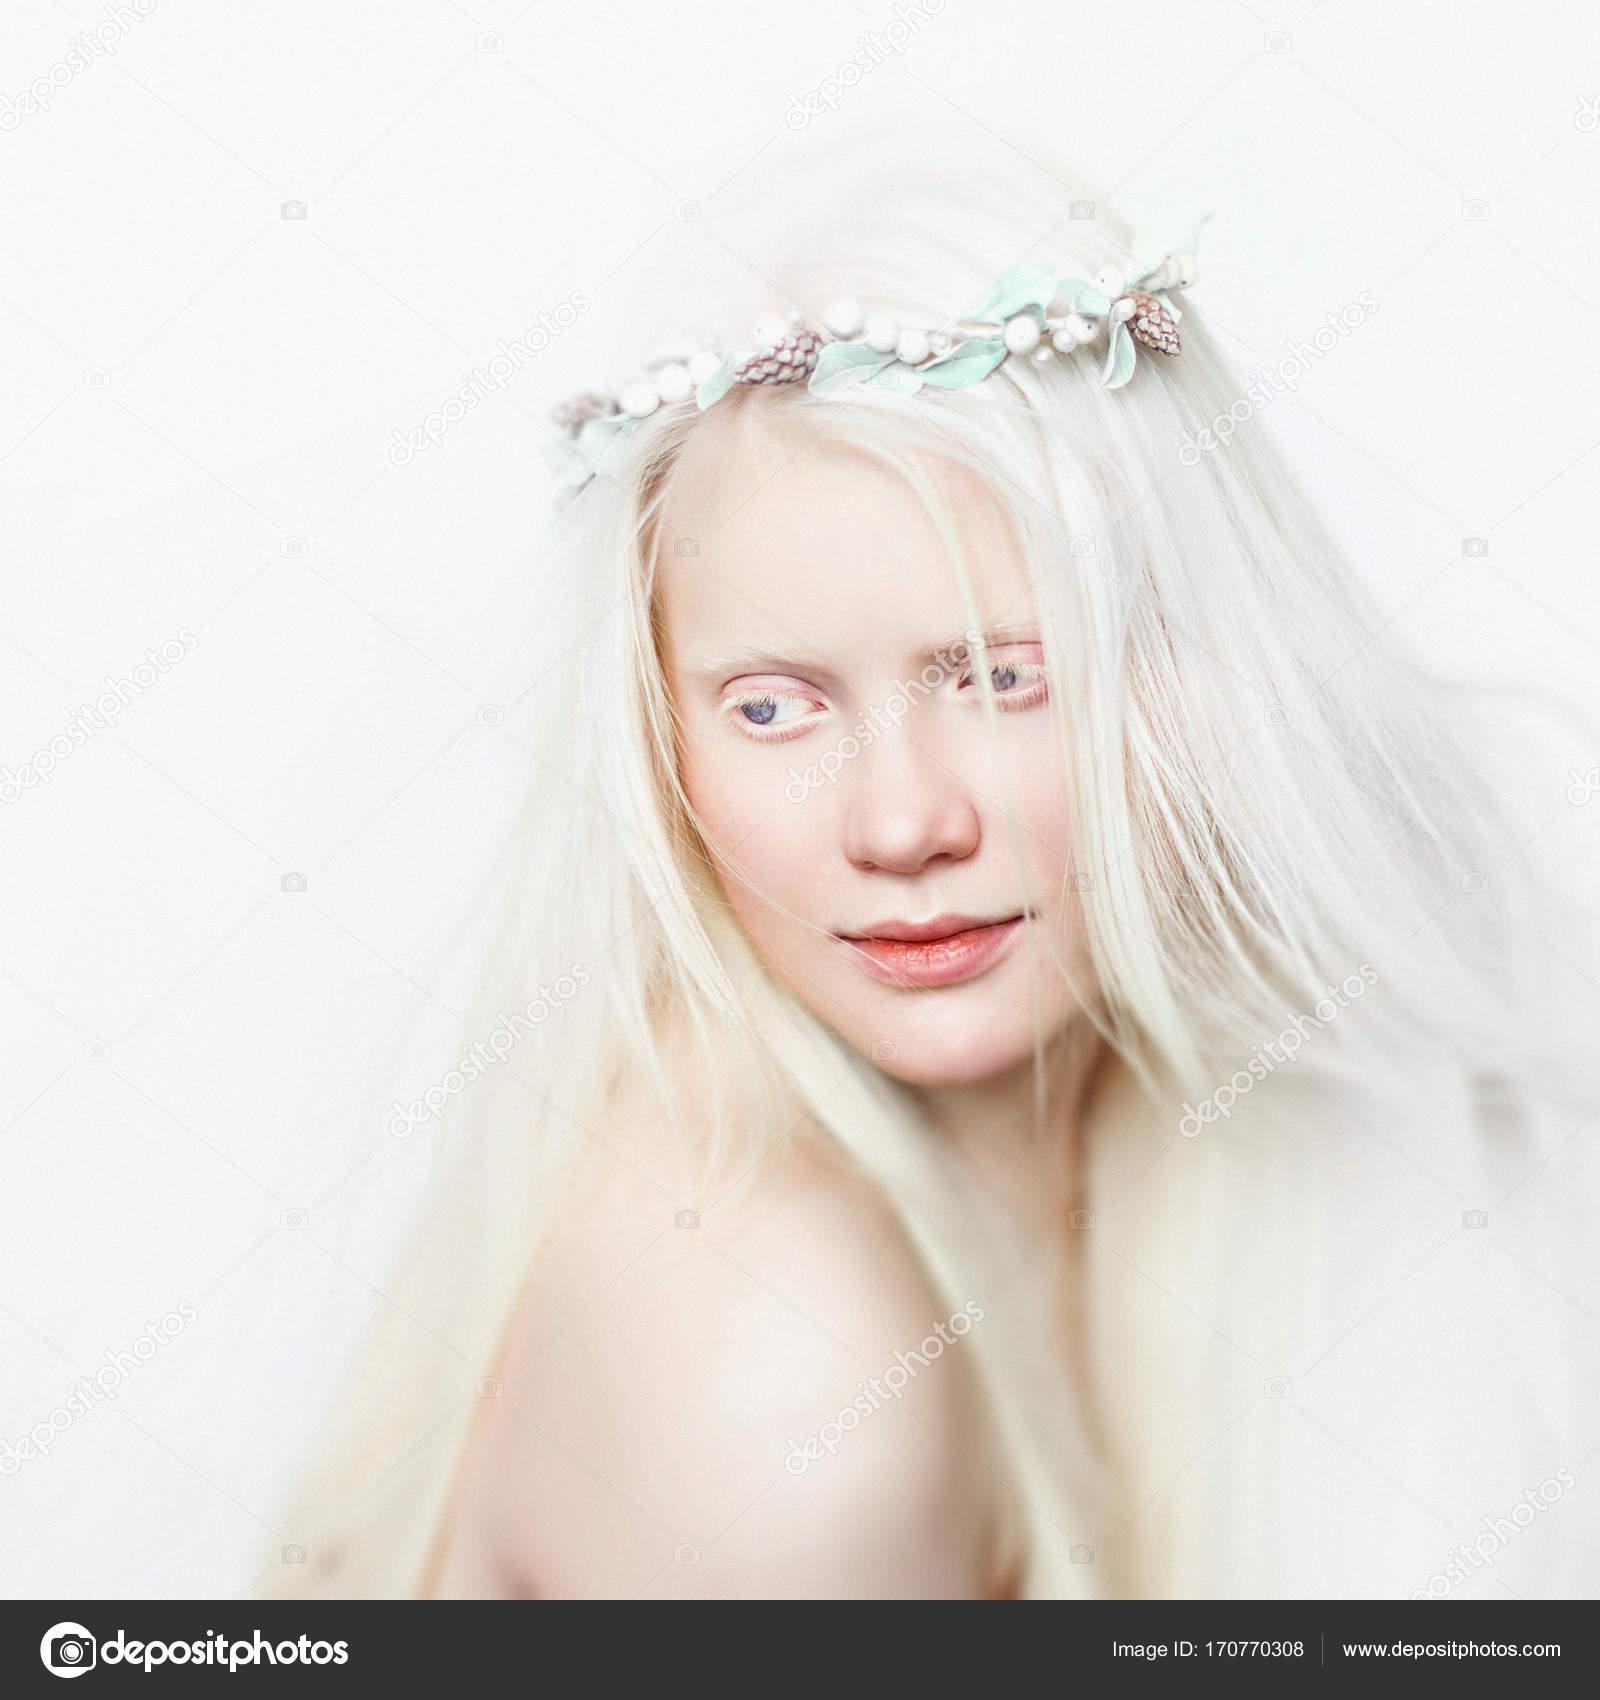 Linda rhys vaughn playboy nude